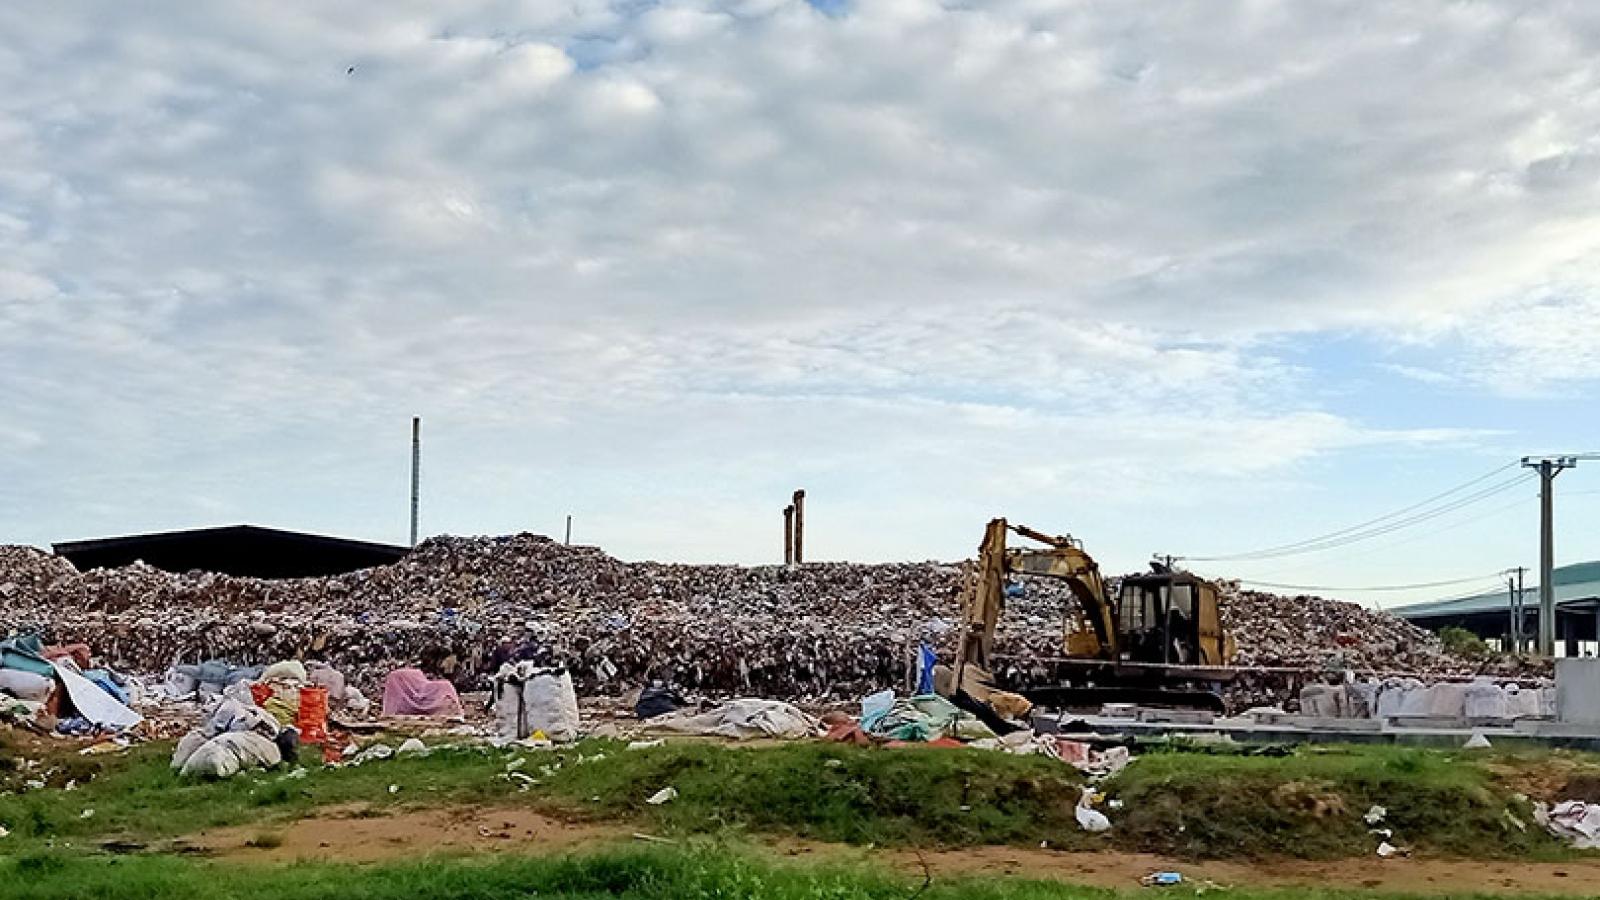 Người dân ởTrà Vinhkhốn khổ vì bãi rác ô nhiễm, ăn cơm phải đóng cửa